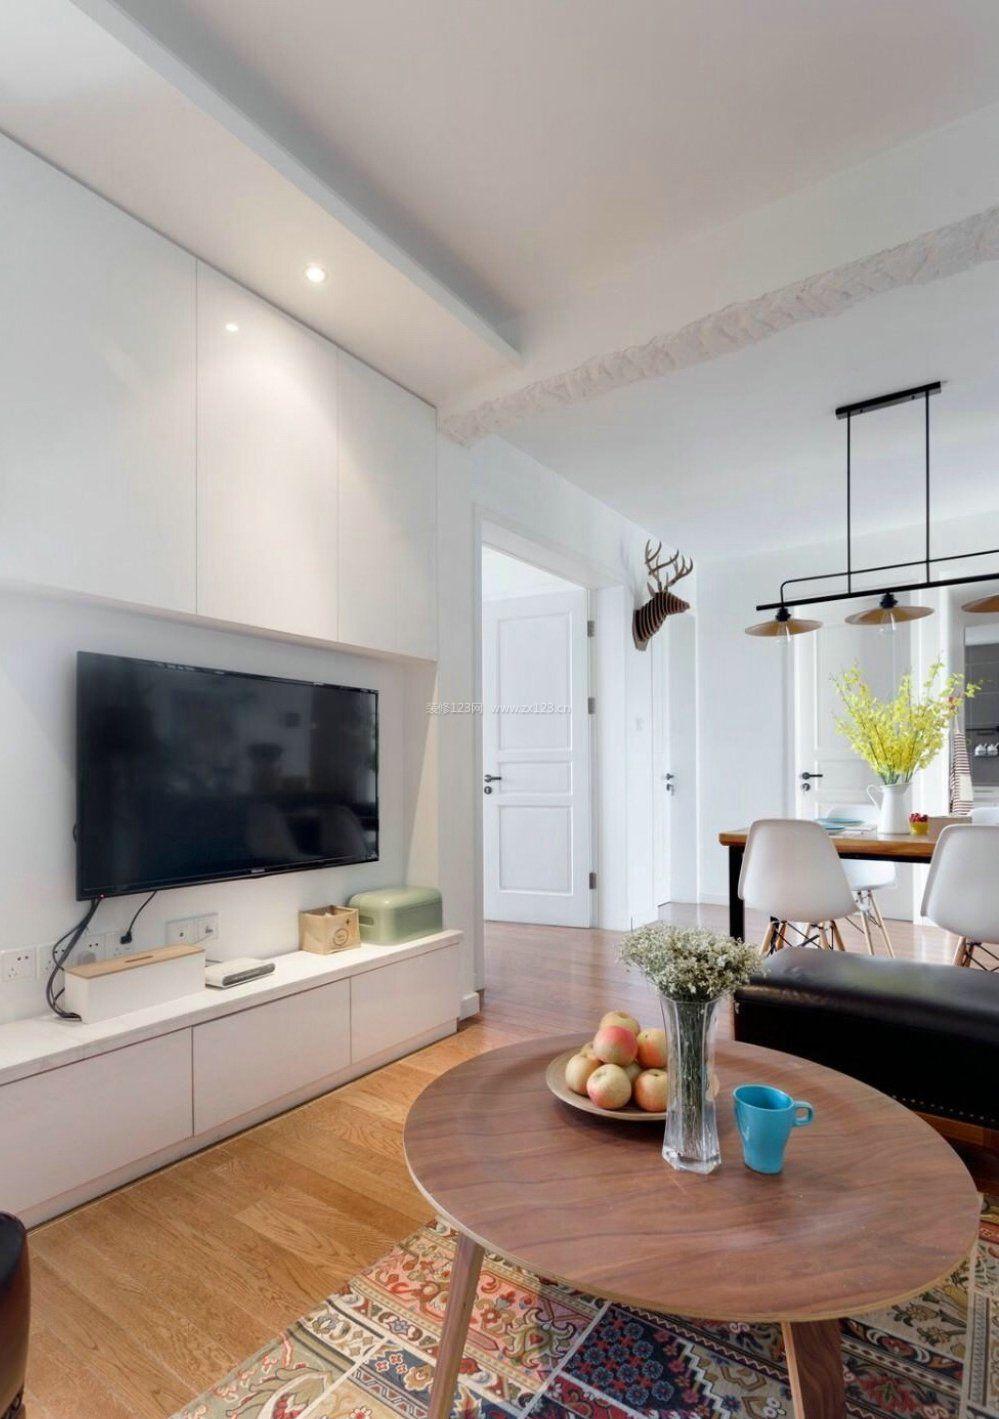 2018北欧室内设计风格电视柜效果图